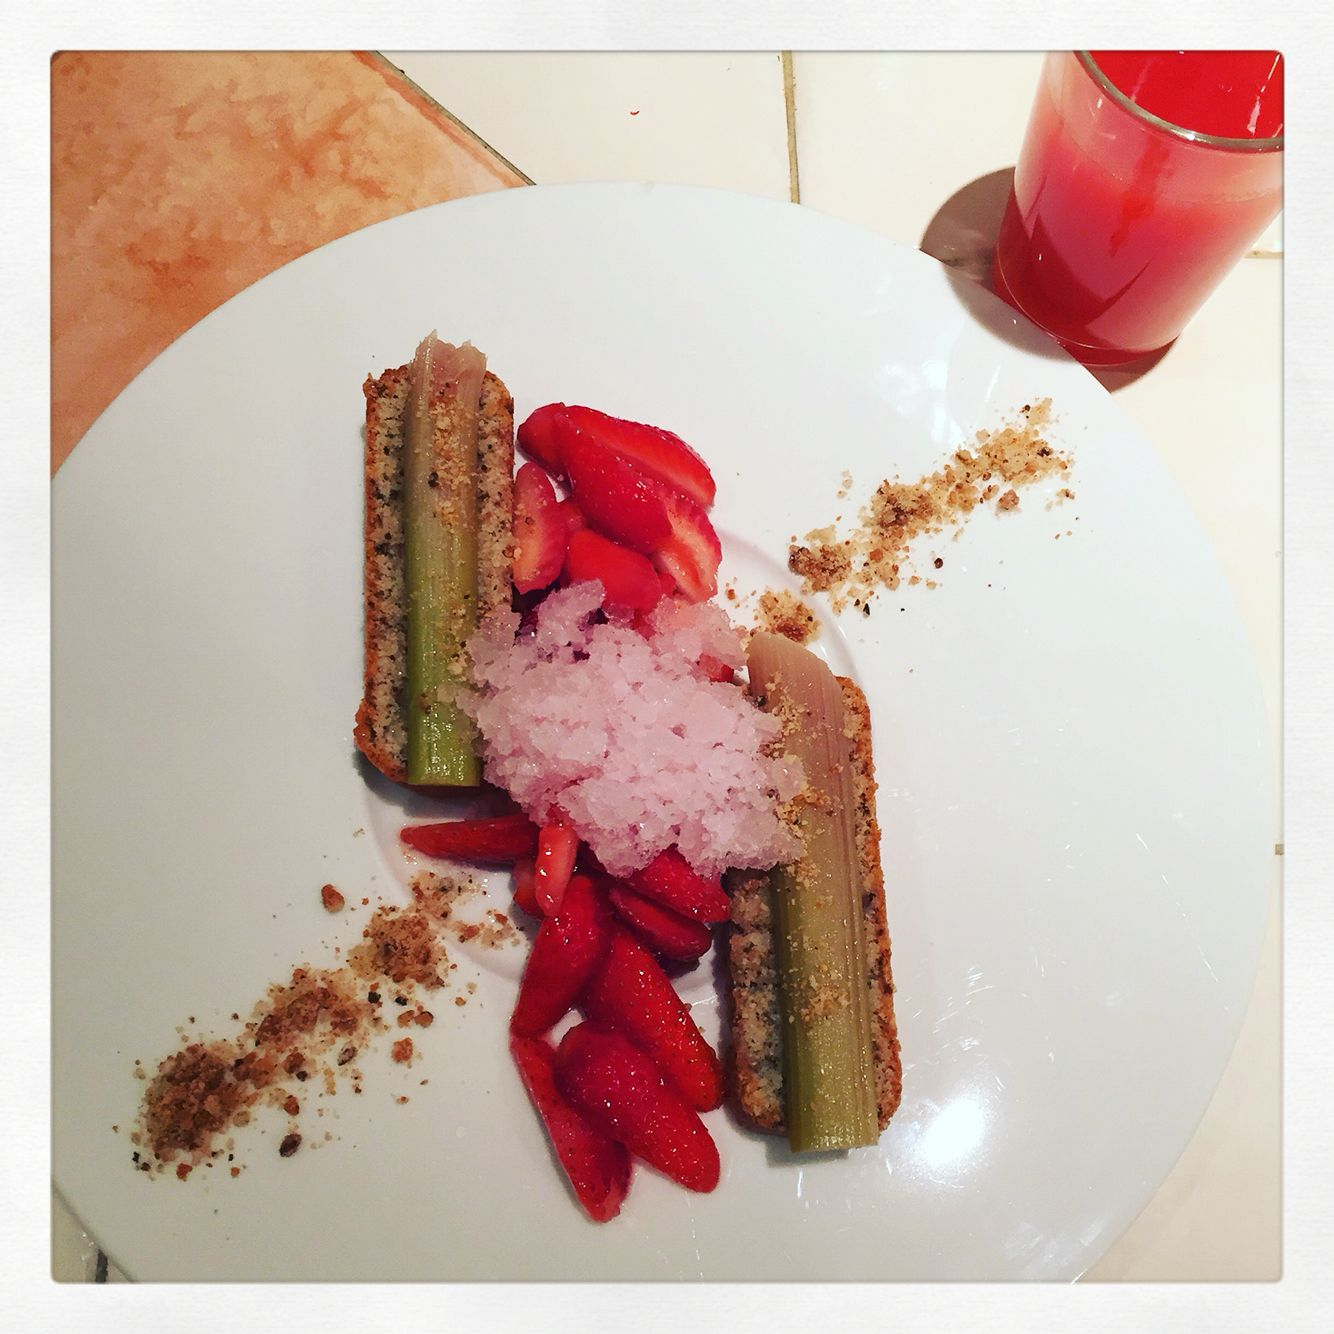 Financier aux amandes, rhubarbes confites, fraises et soupe de fraises à la mélisse, granité gingembre cardamome